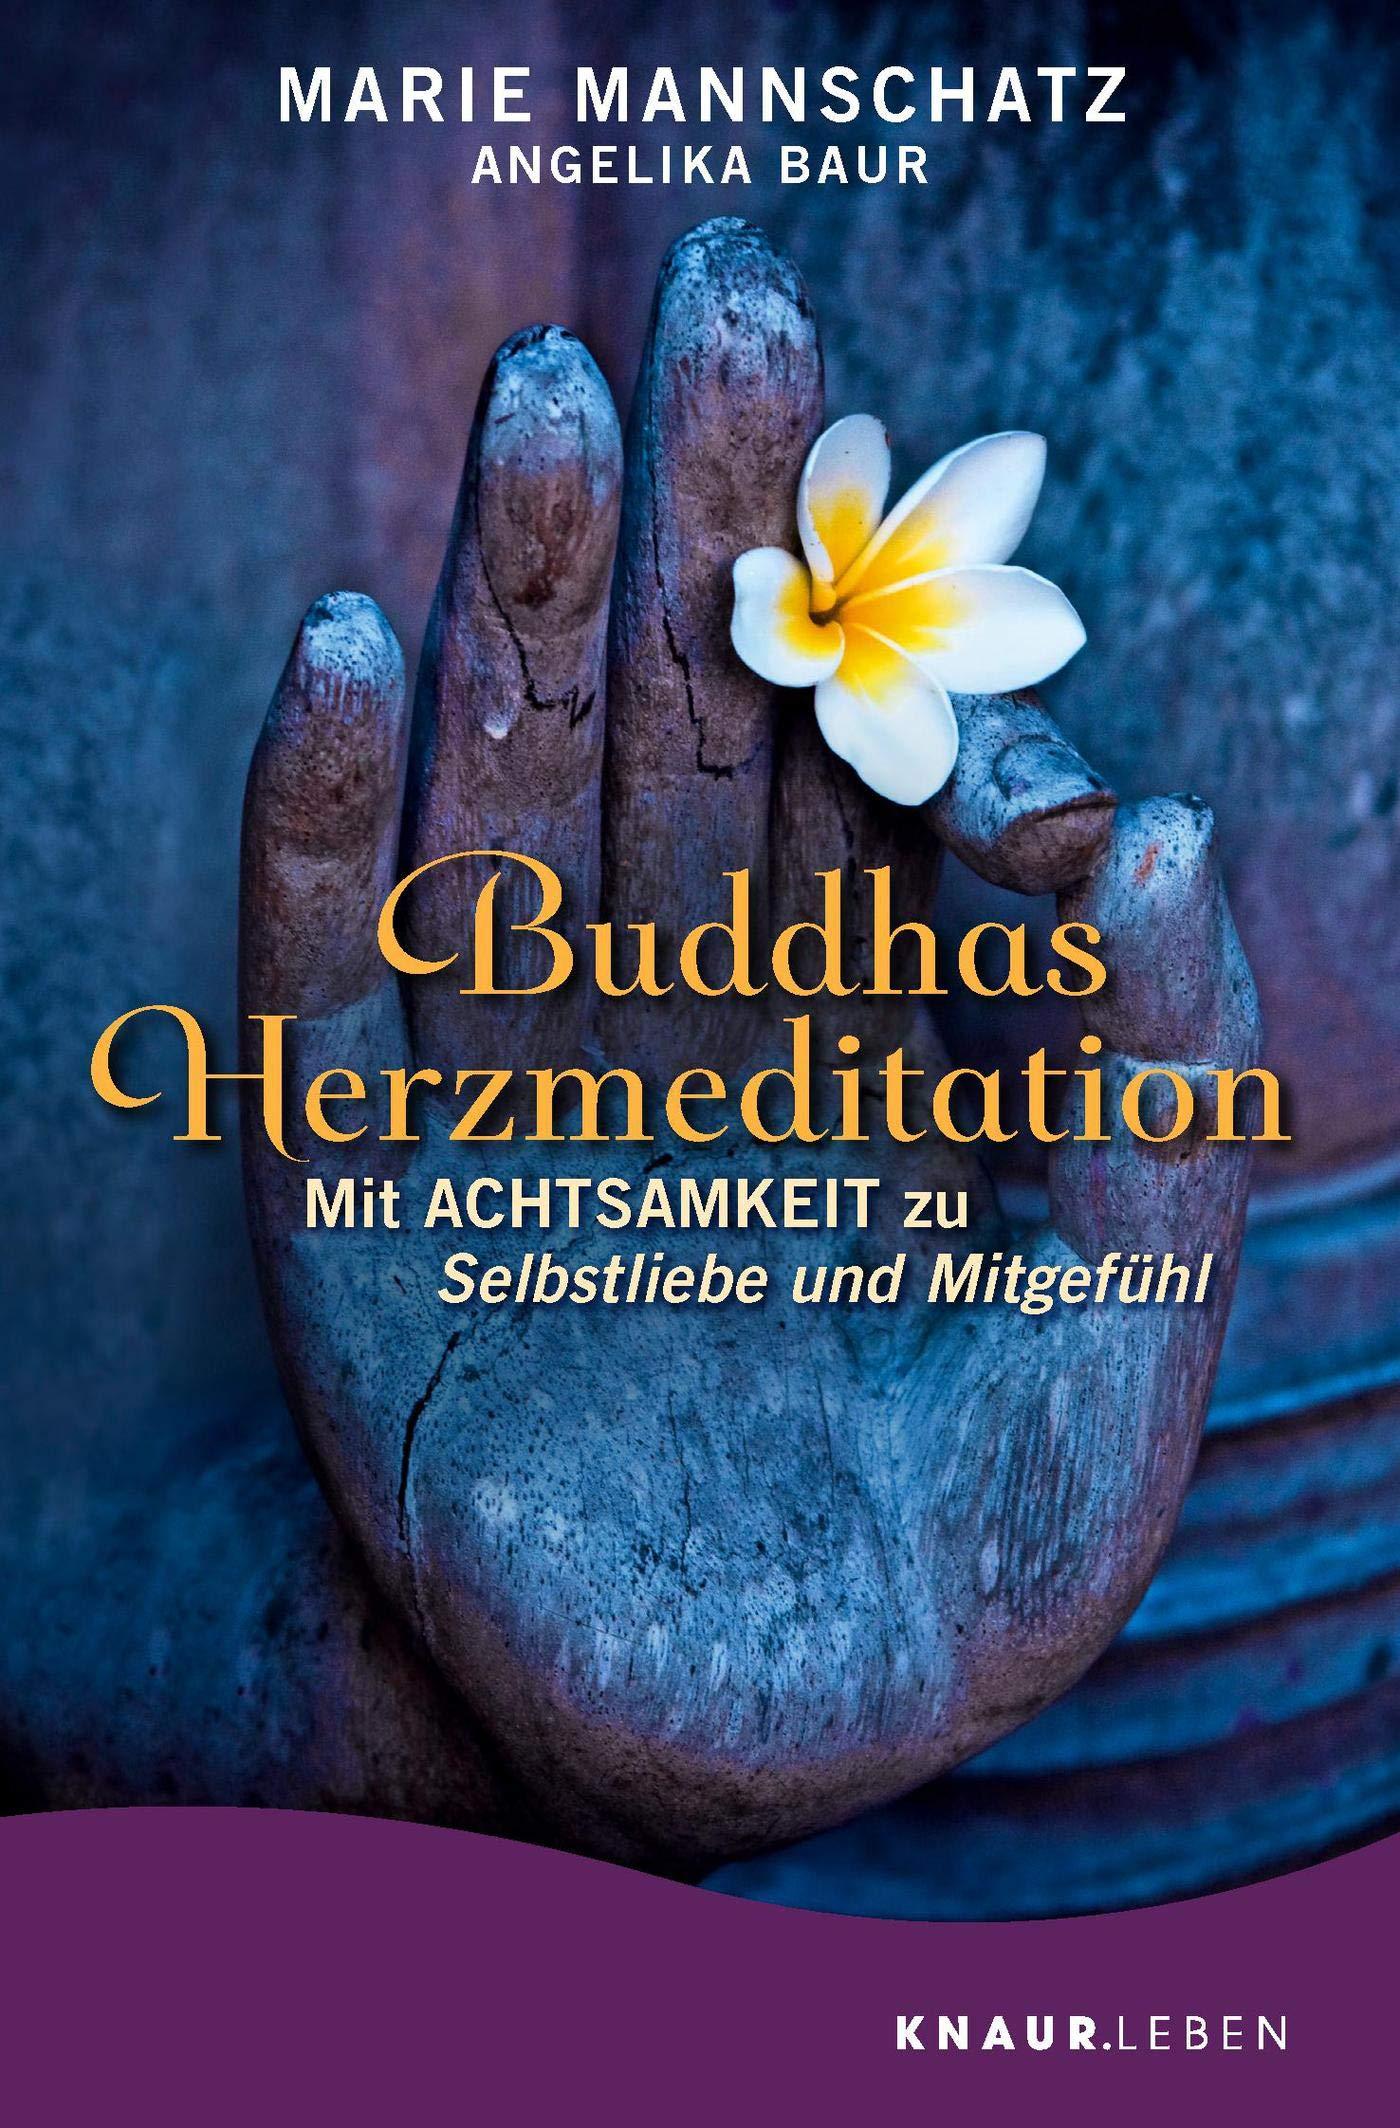 Buddhas Herzmeditation: Mit Achtsamkeit zu Selbstliebe und Mitgefühl